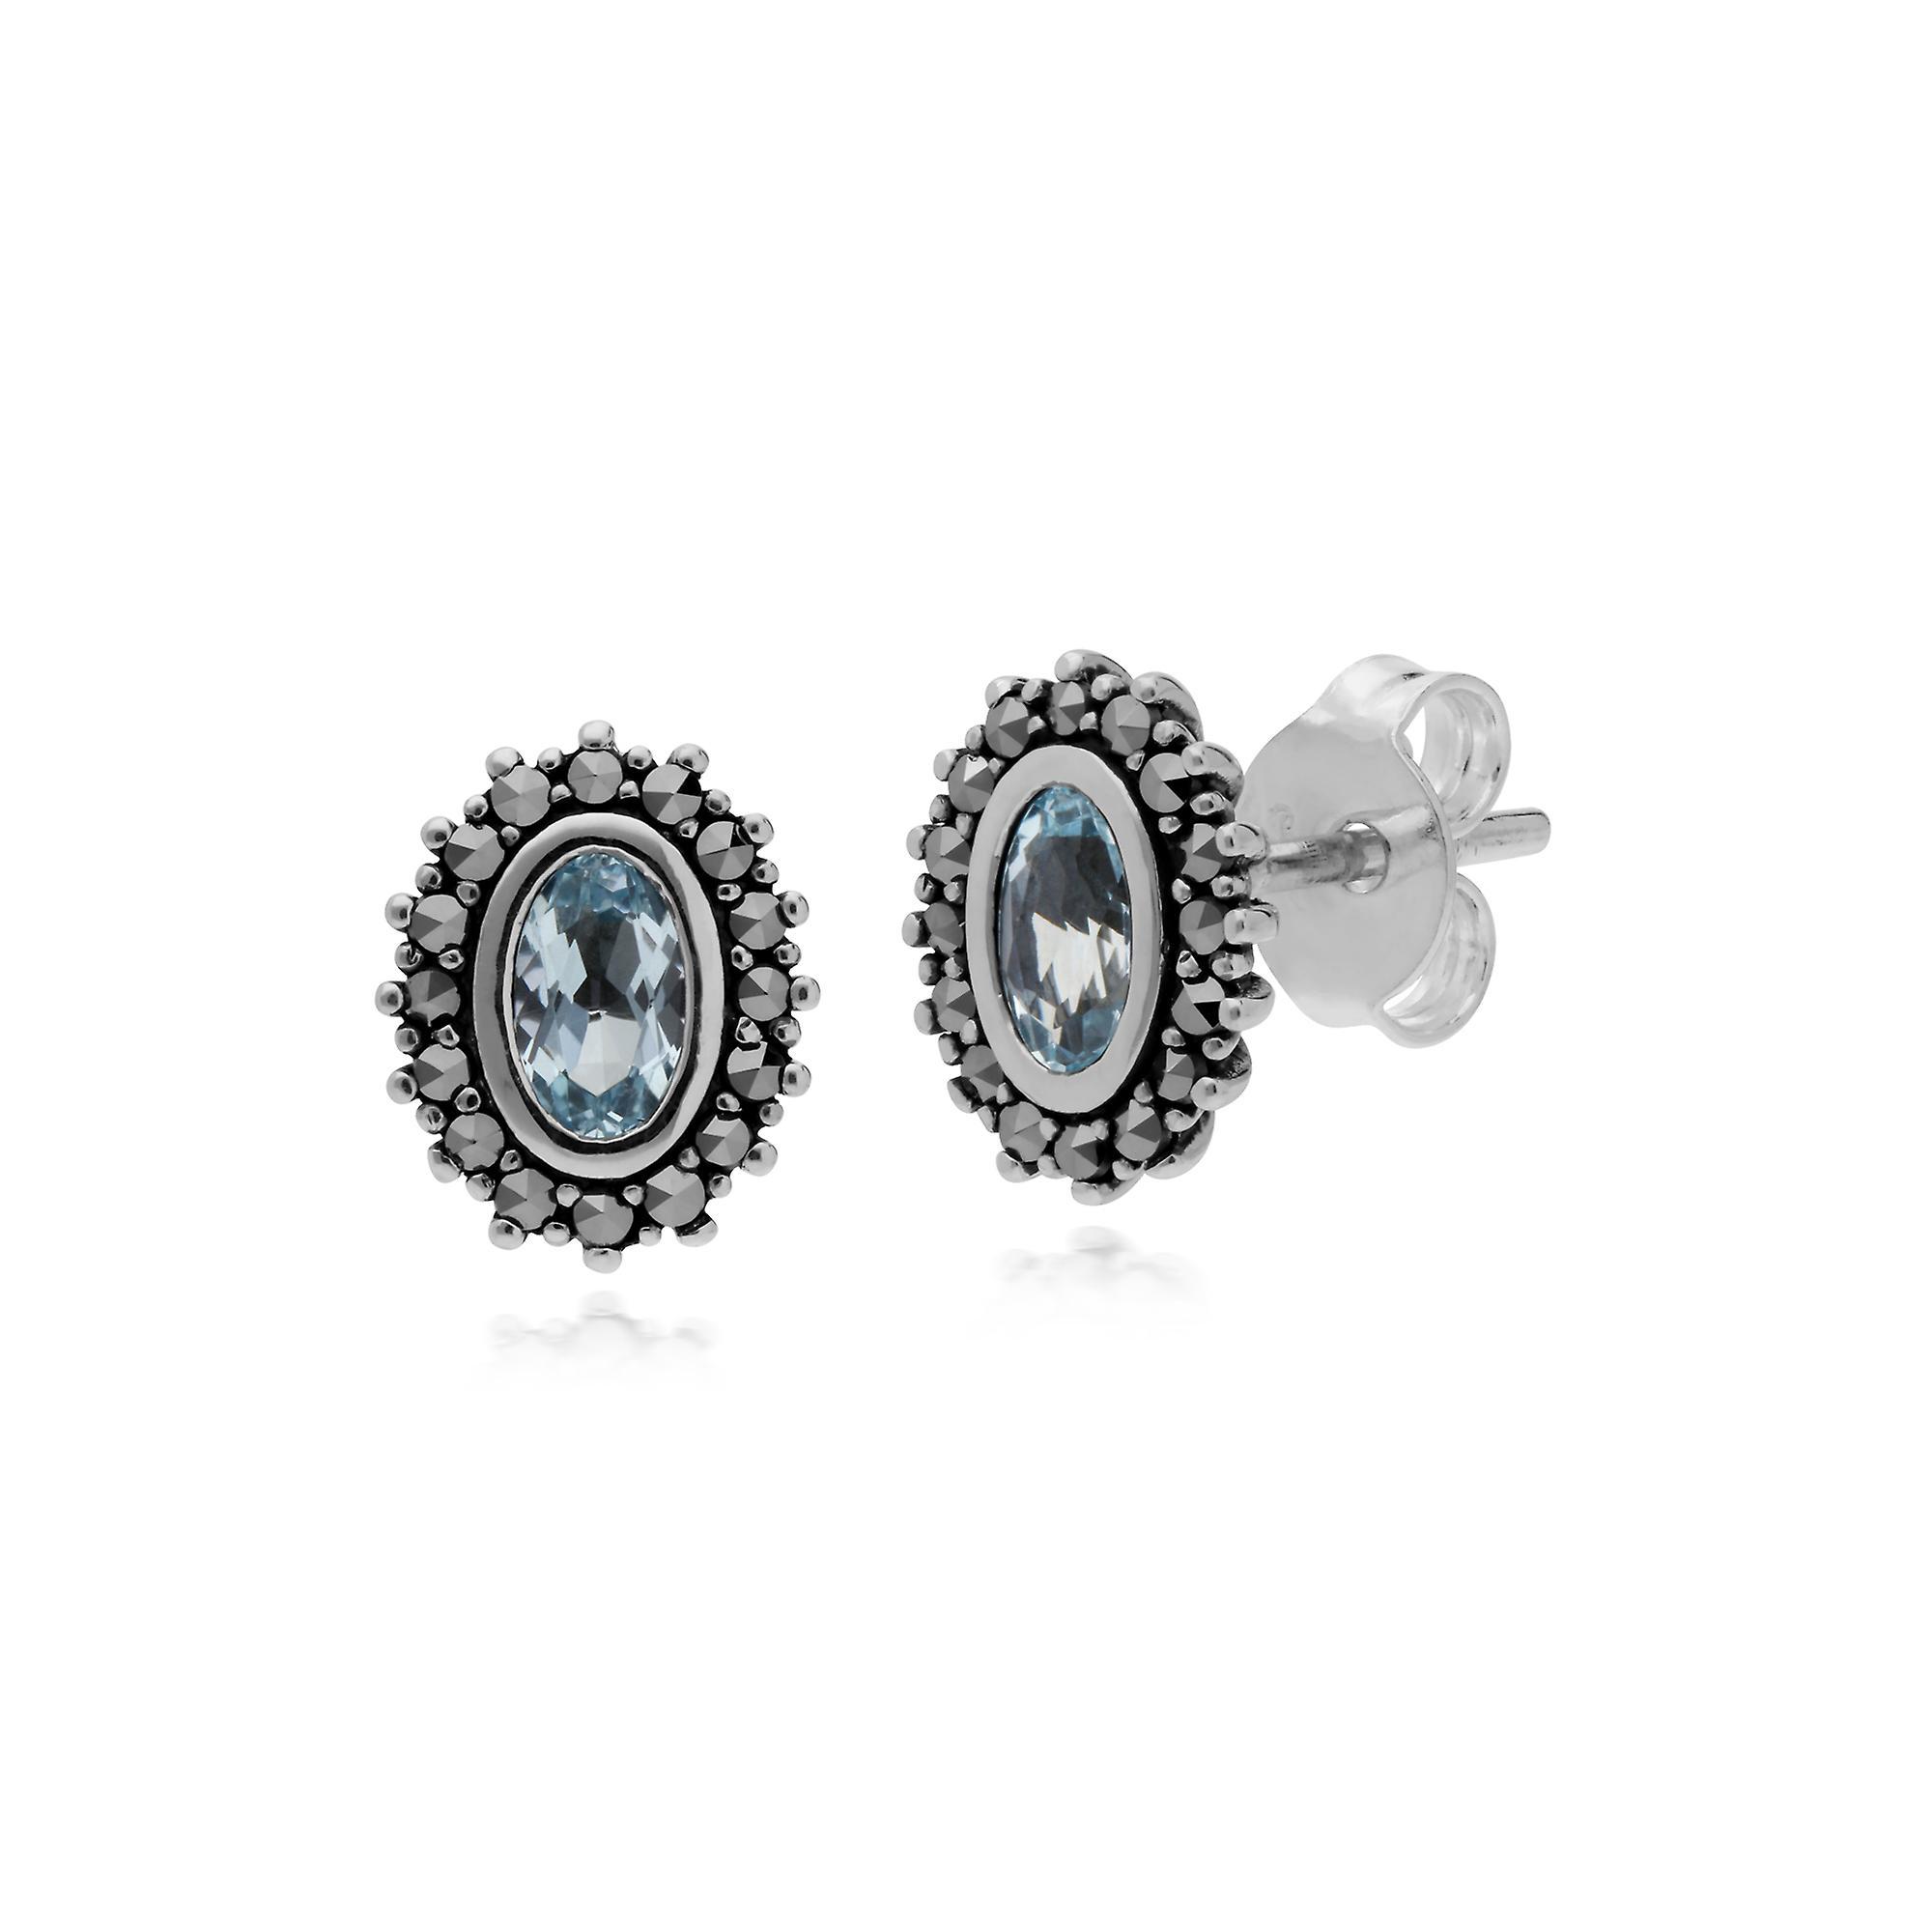 Sterling Silver Blue Topaz & Marcasite Art Nouveau Stud Earrings